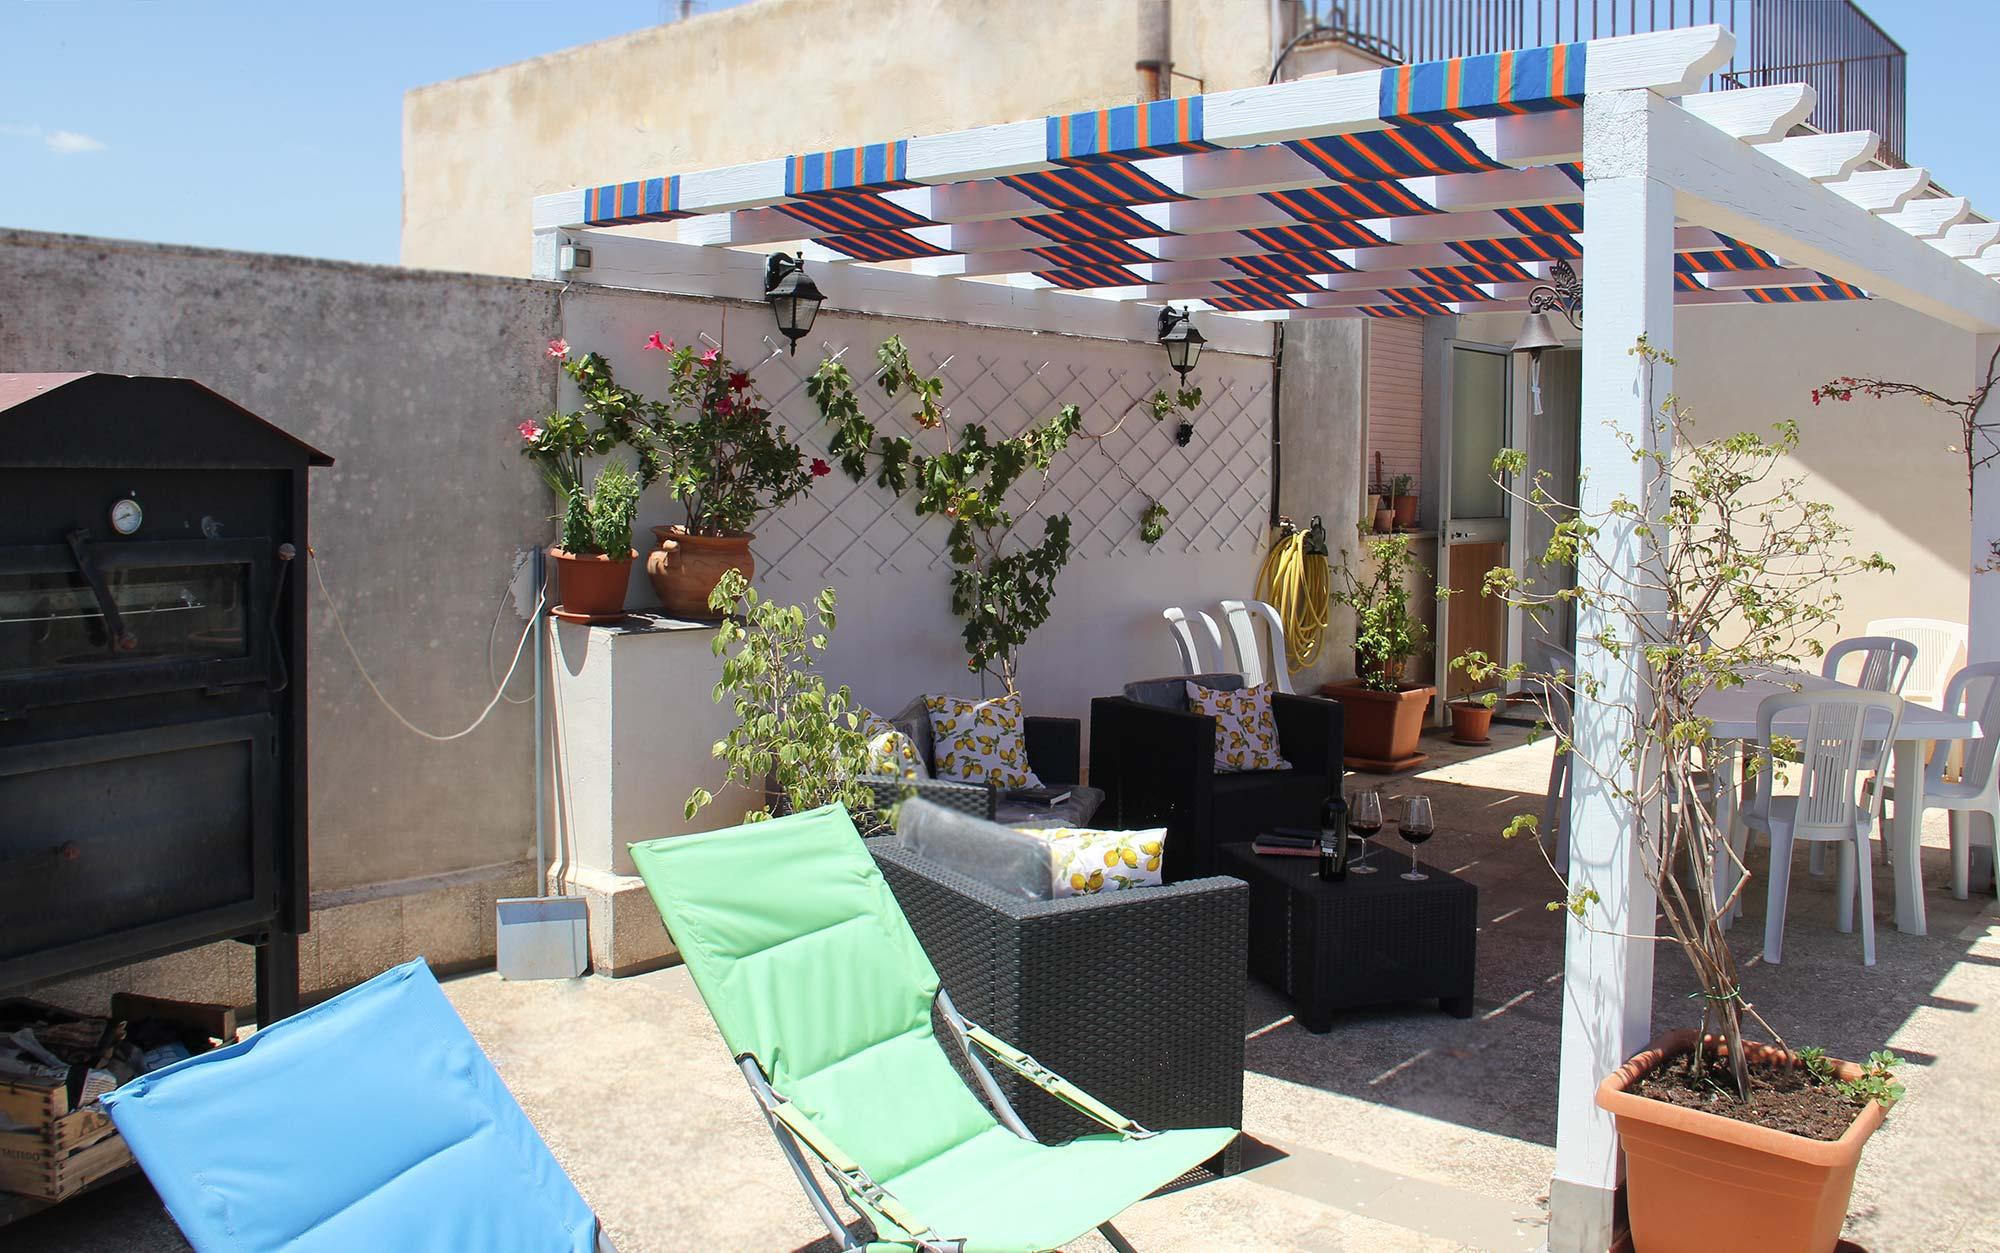 Hotel_Sicilia_Avola_B&B_Avola_Albergo_Sicilia_Piazza_centro_mare_Piazza_terrazza_solarium